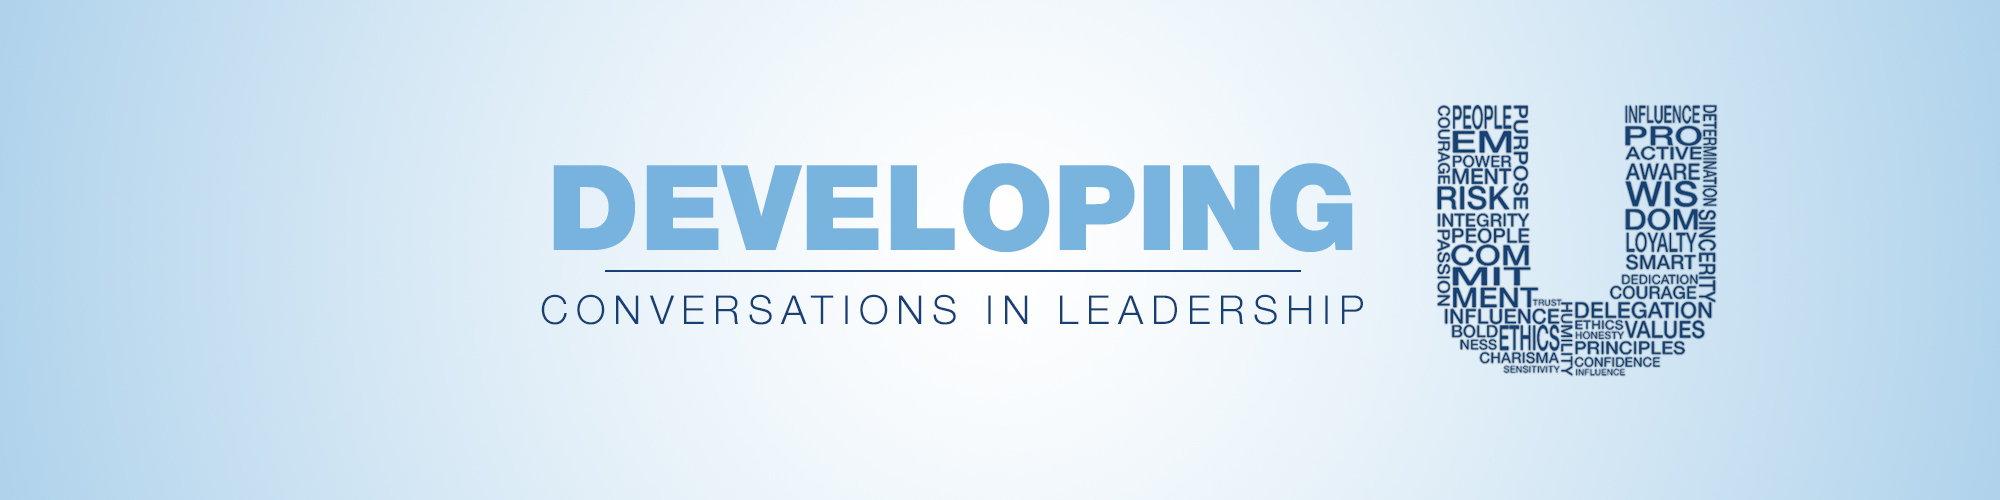 Developing U: Conversations in Leadership